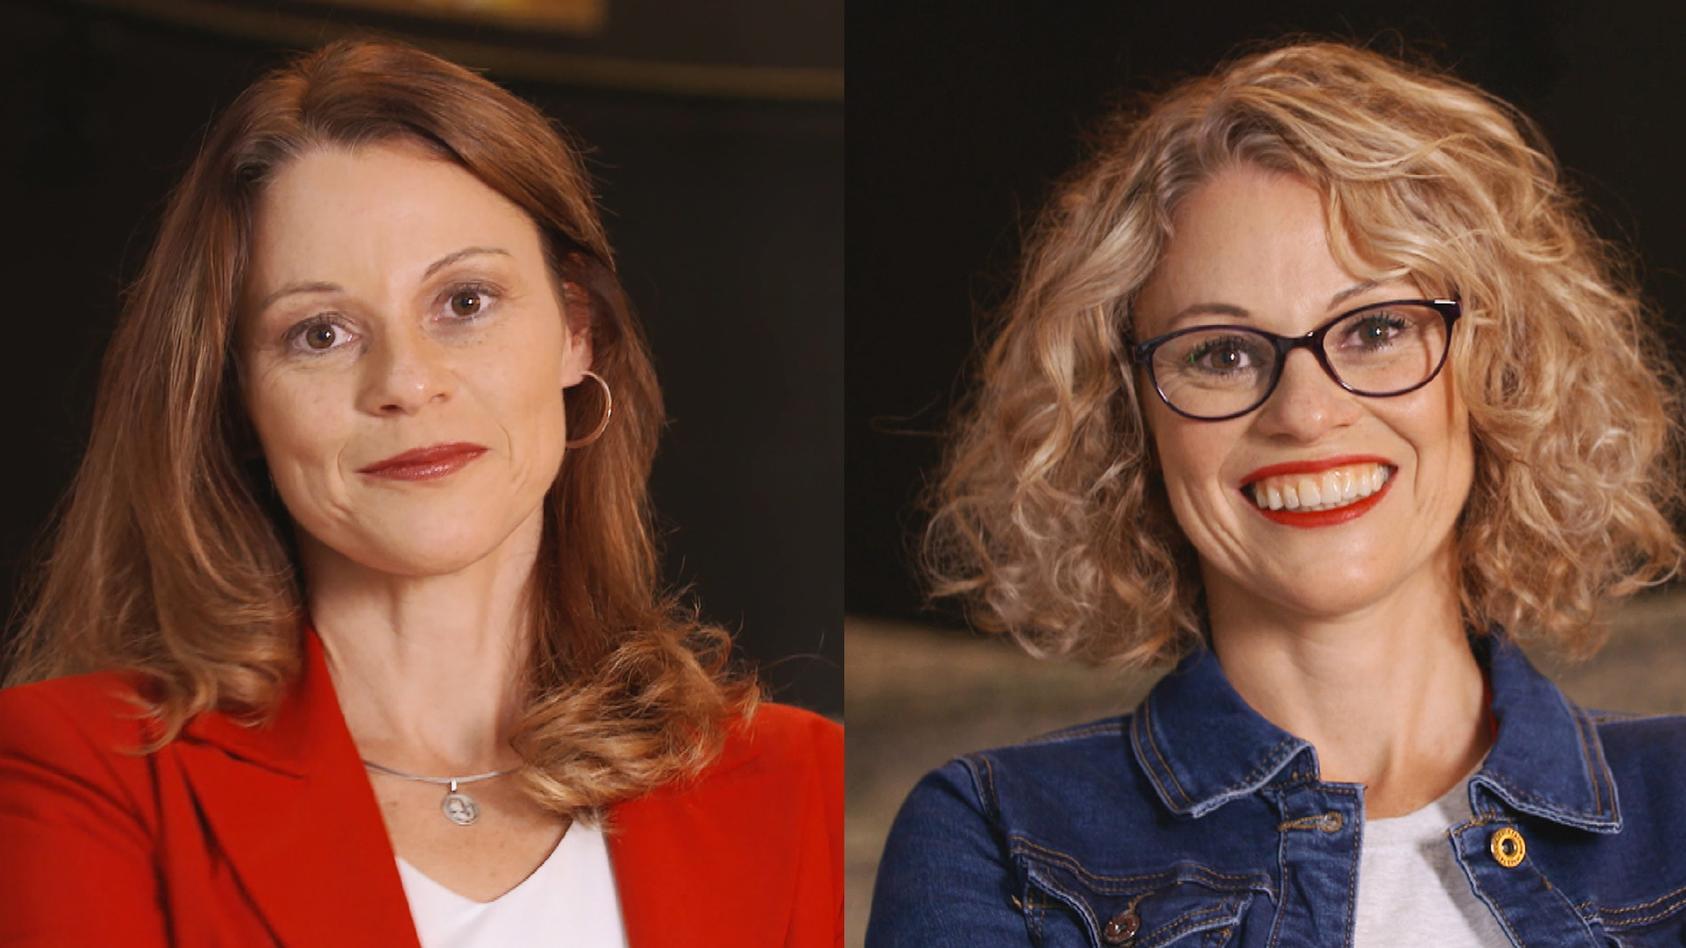 Stefanie Brandes (l.), Geschäftsführerin der Aldiana GmbH, vor und nach ihrem Umstyling zu TV-Show-Kandidatin Jana (r.).